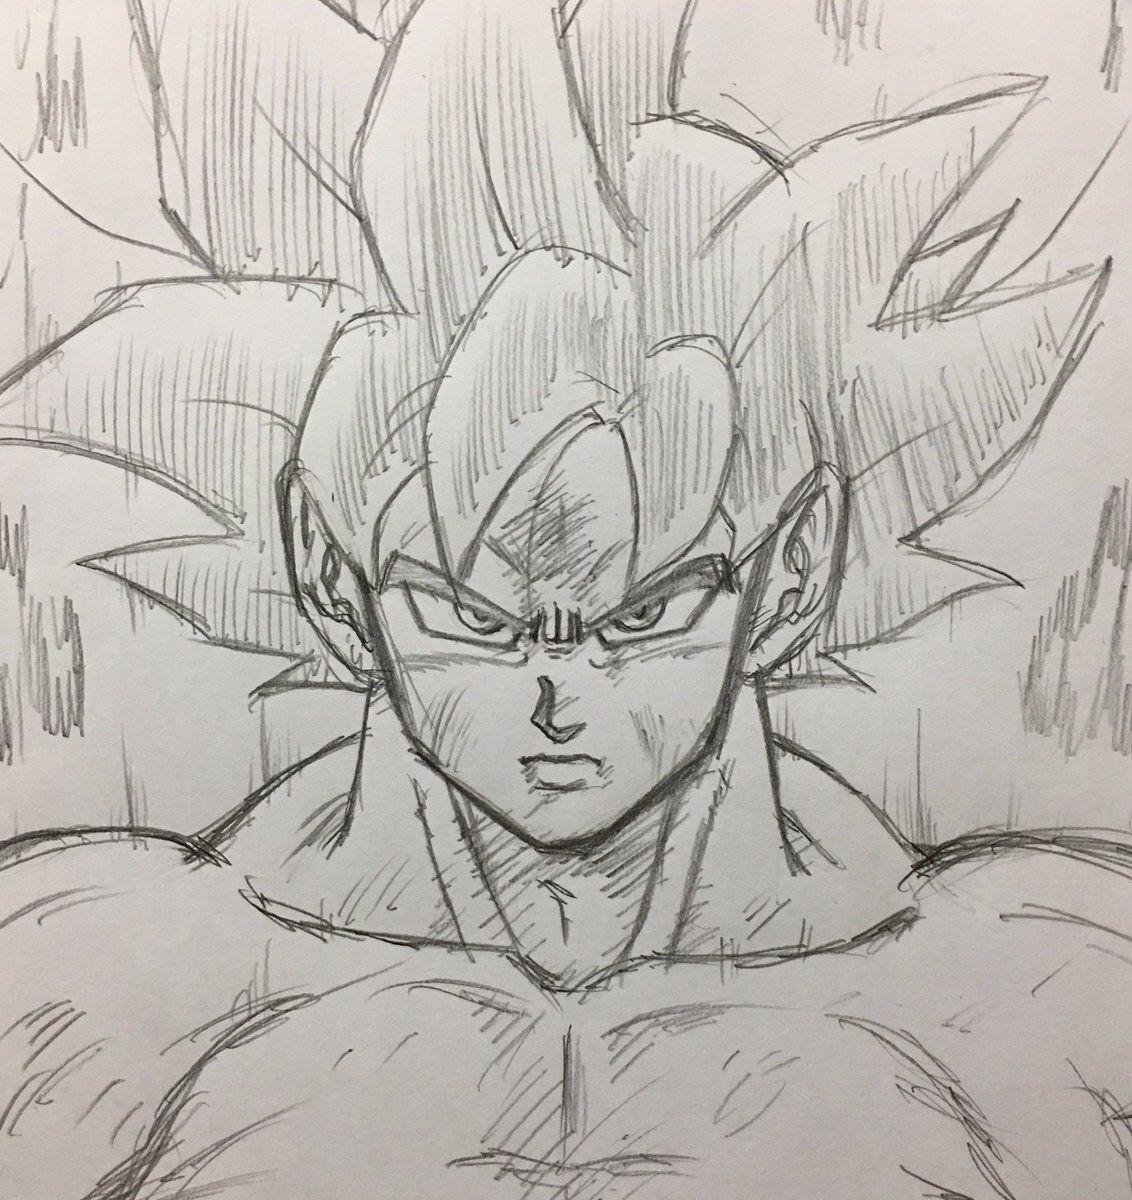 Fein Goku Malvorlagen Zum Ausdrucken Bilder - Malvorlagen Von Tieren ...